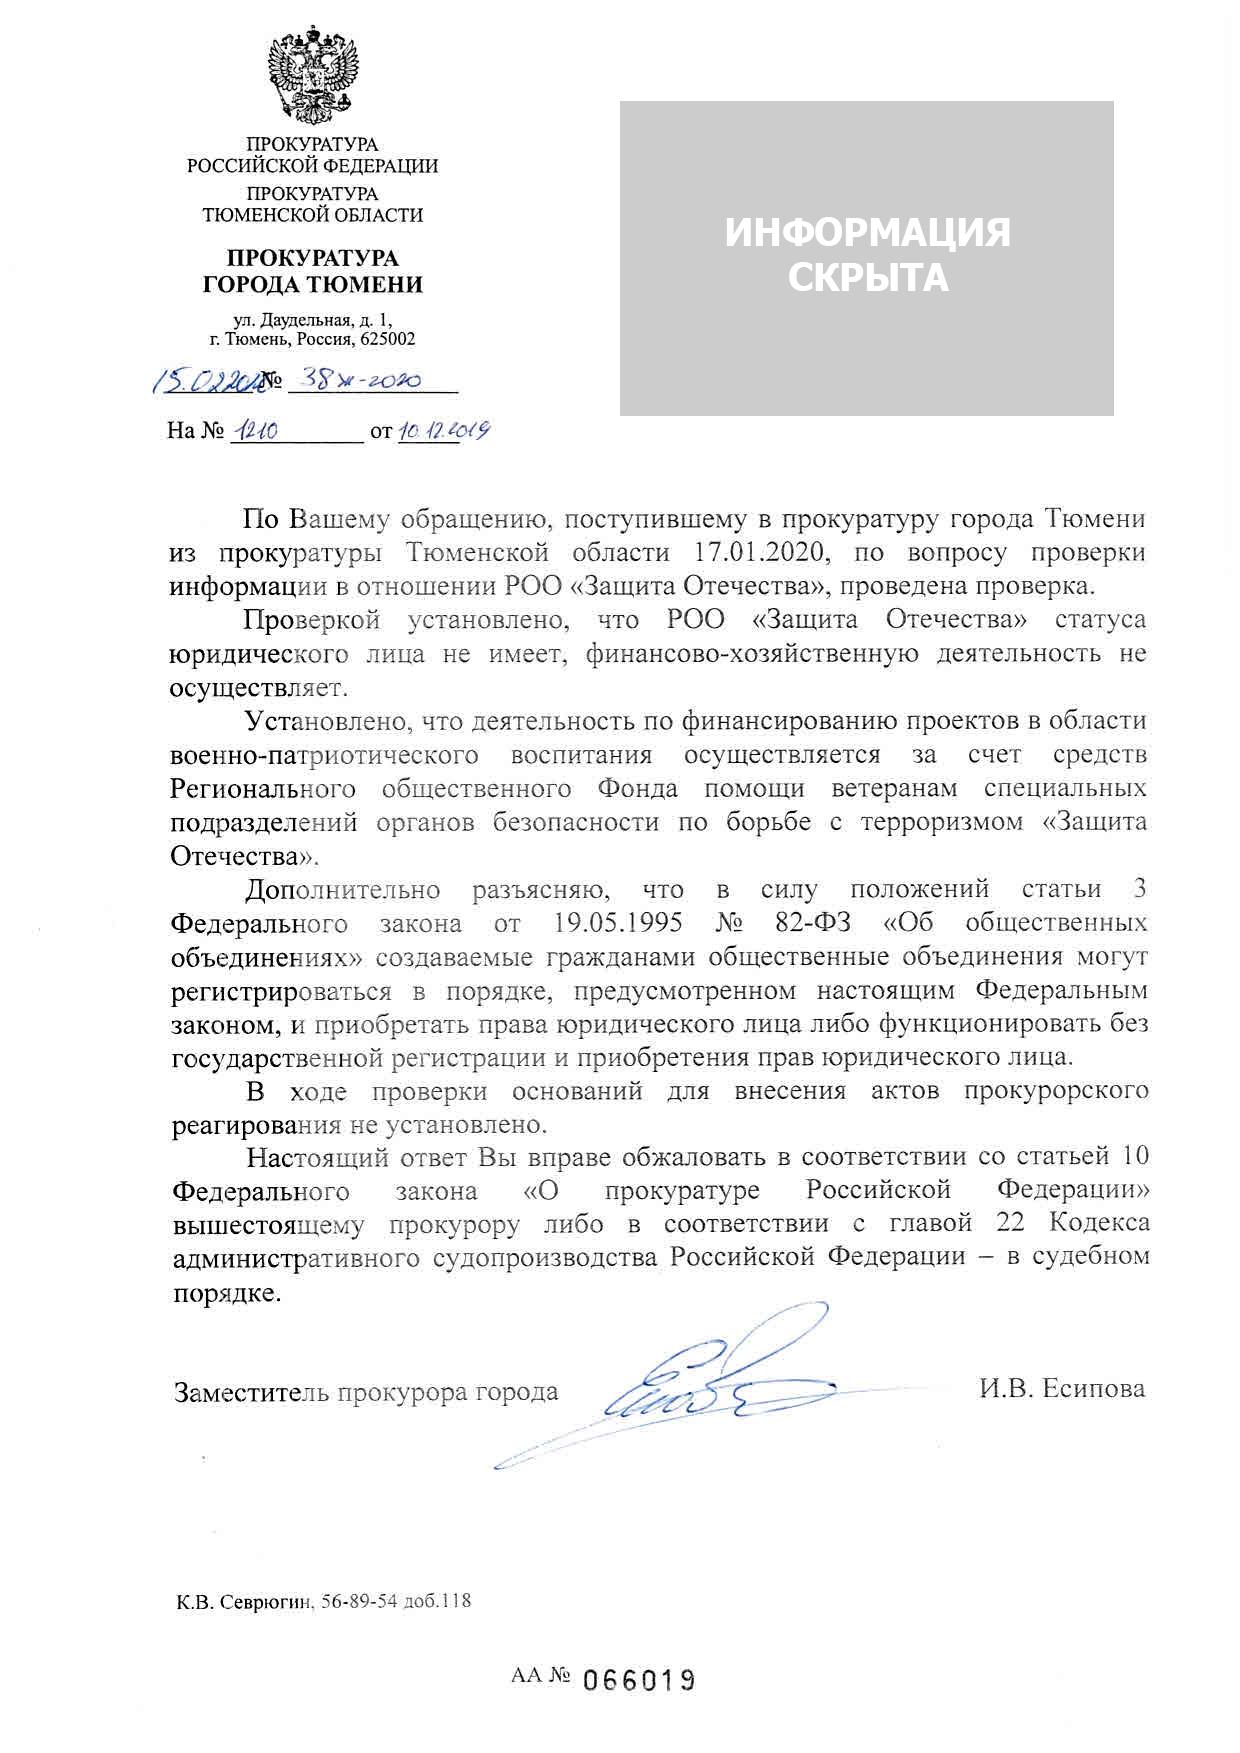 Николай Брыкин - Защита отечества не зарегистрирована